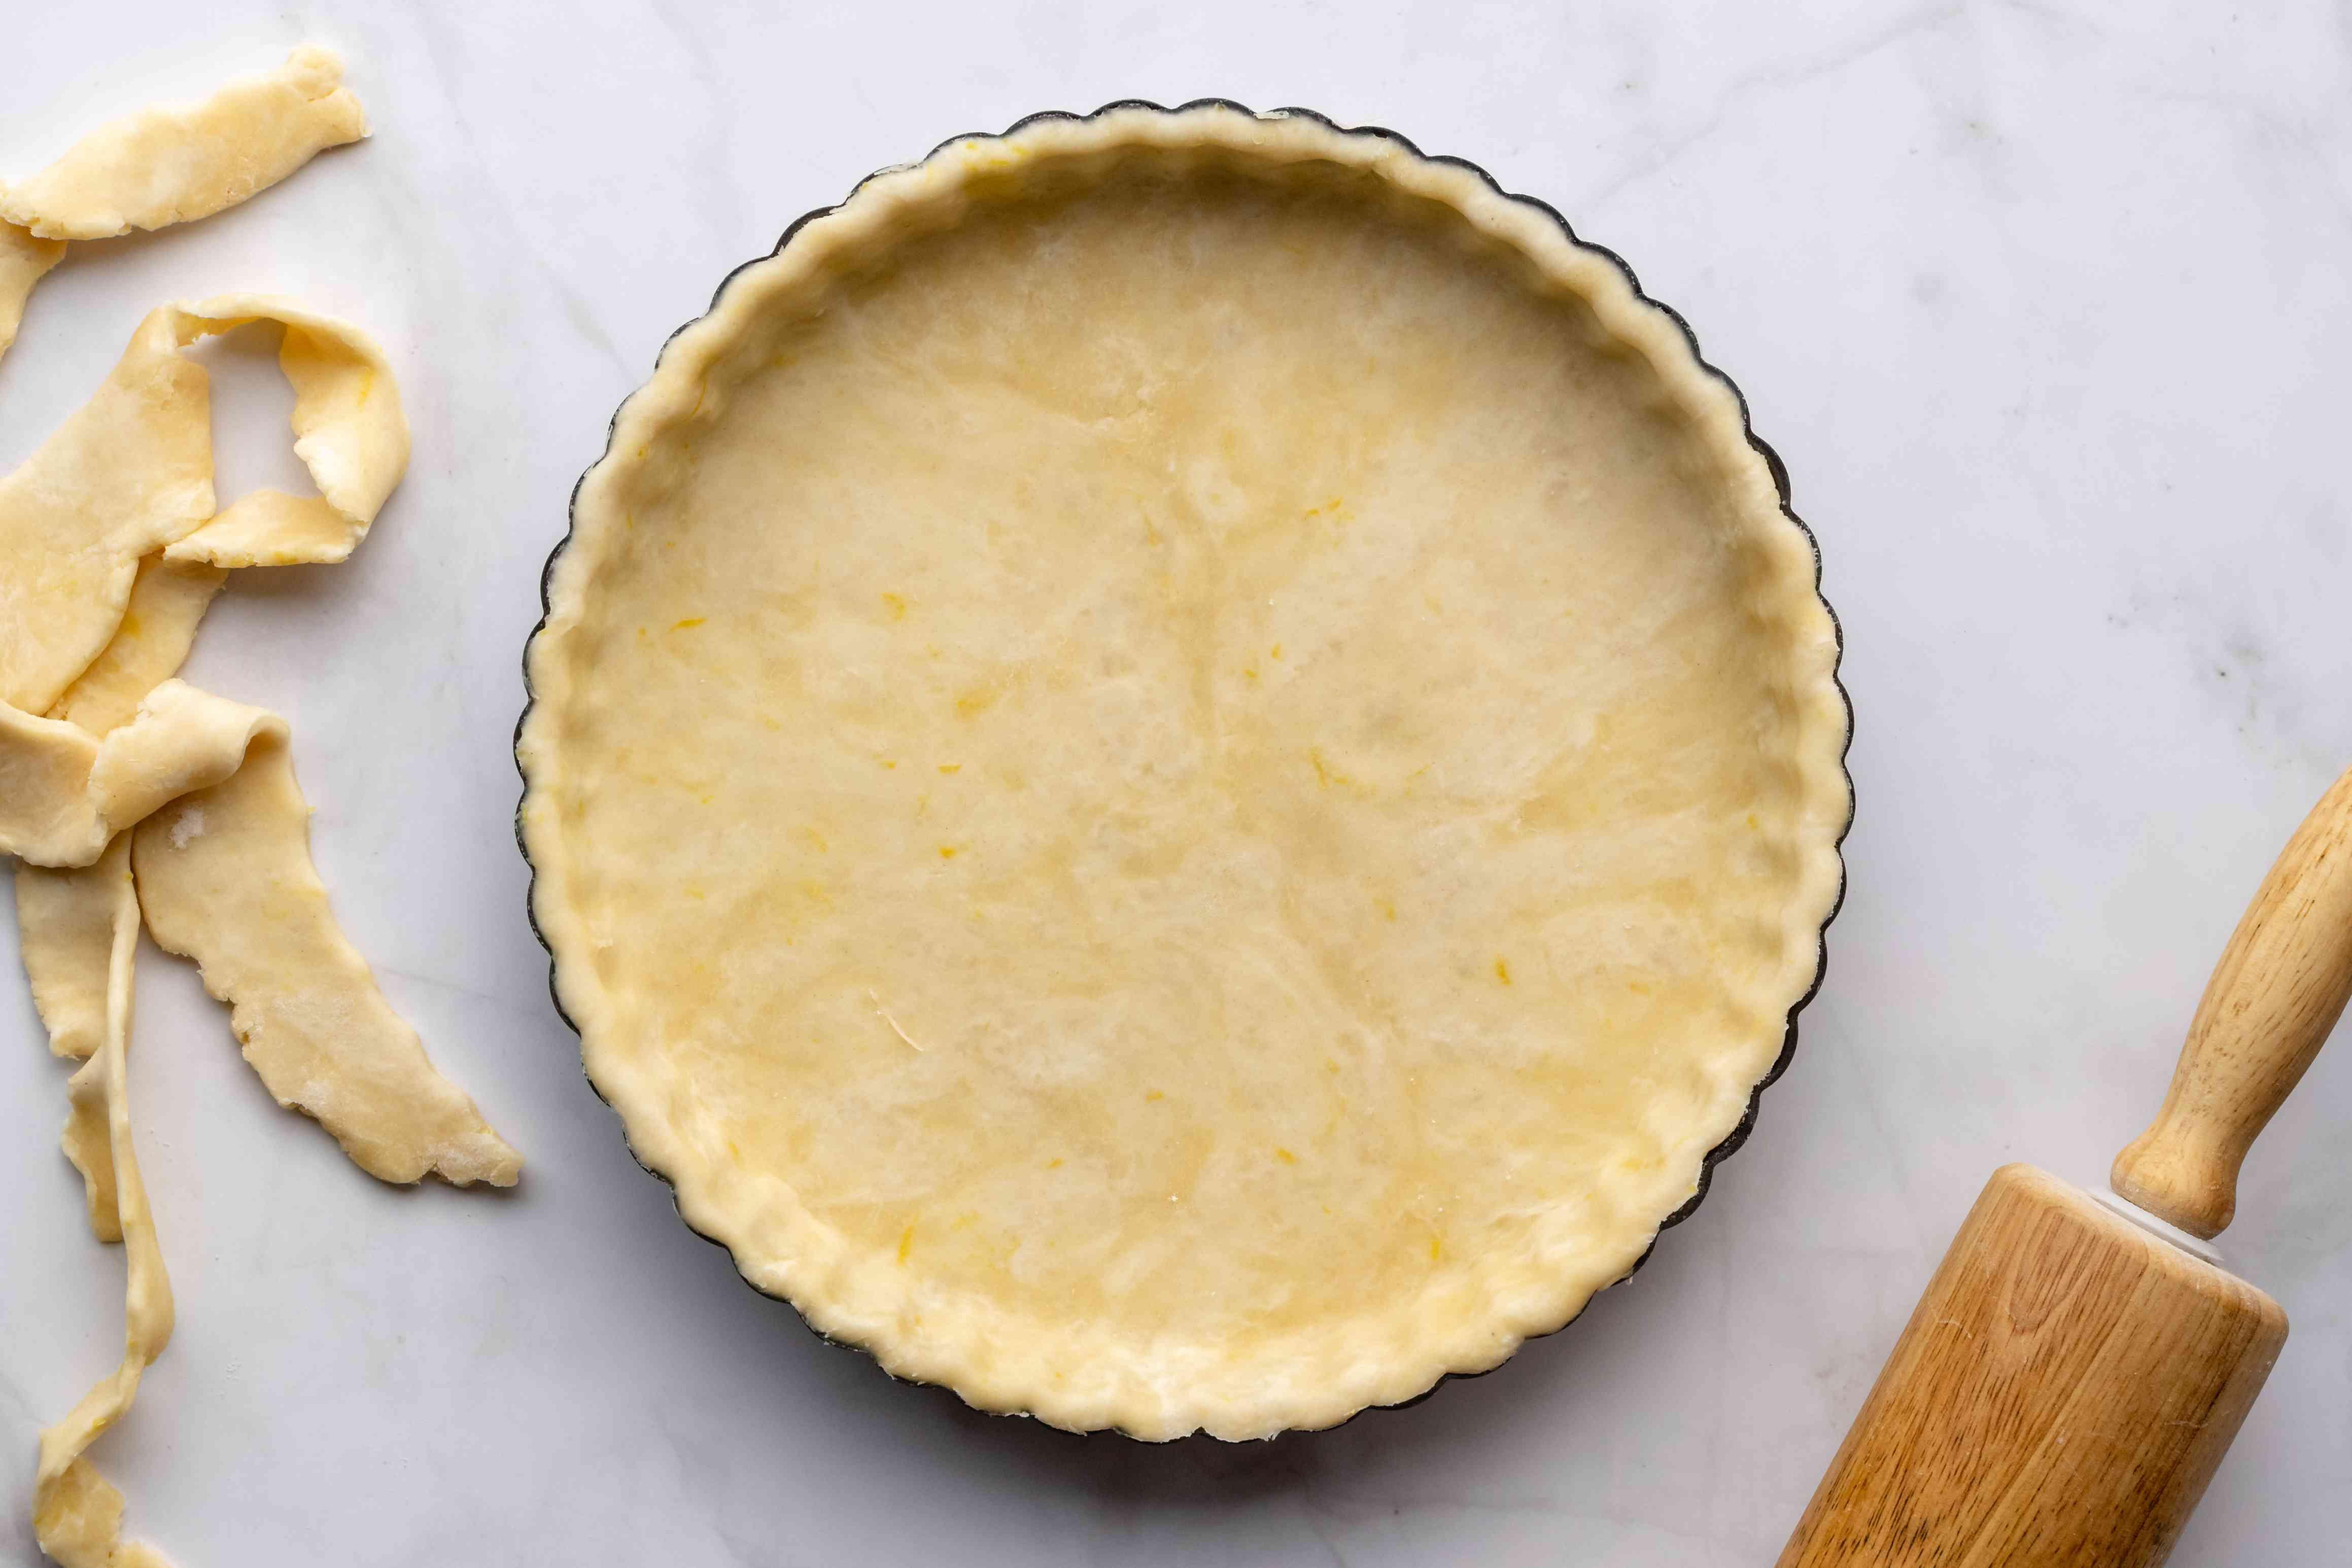 tart dough / pastry in a tart pan